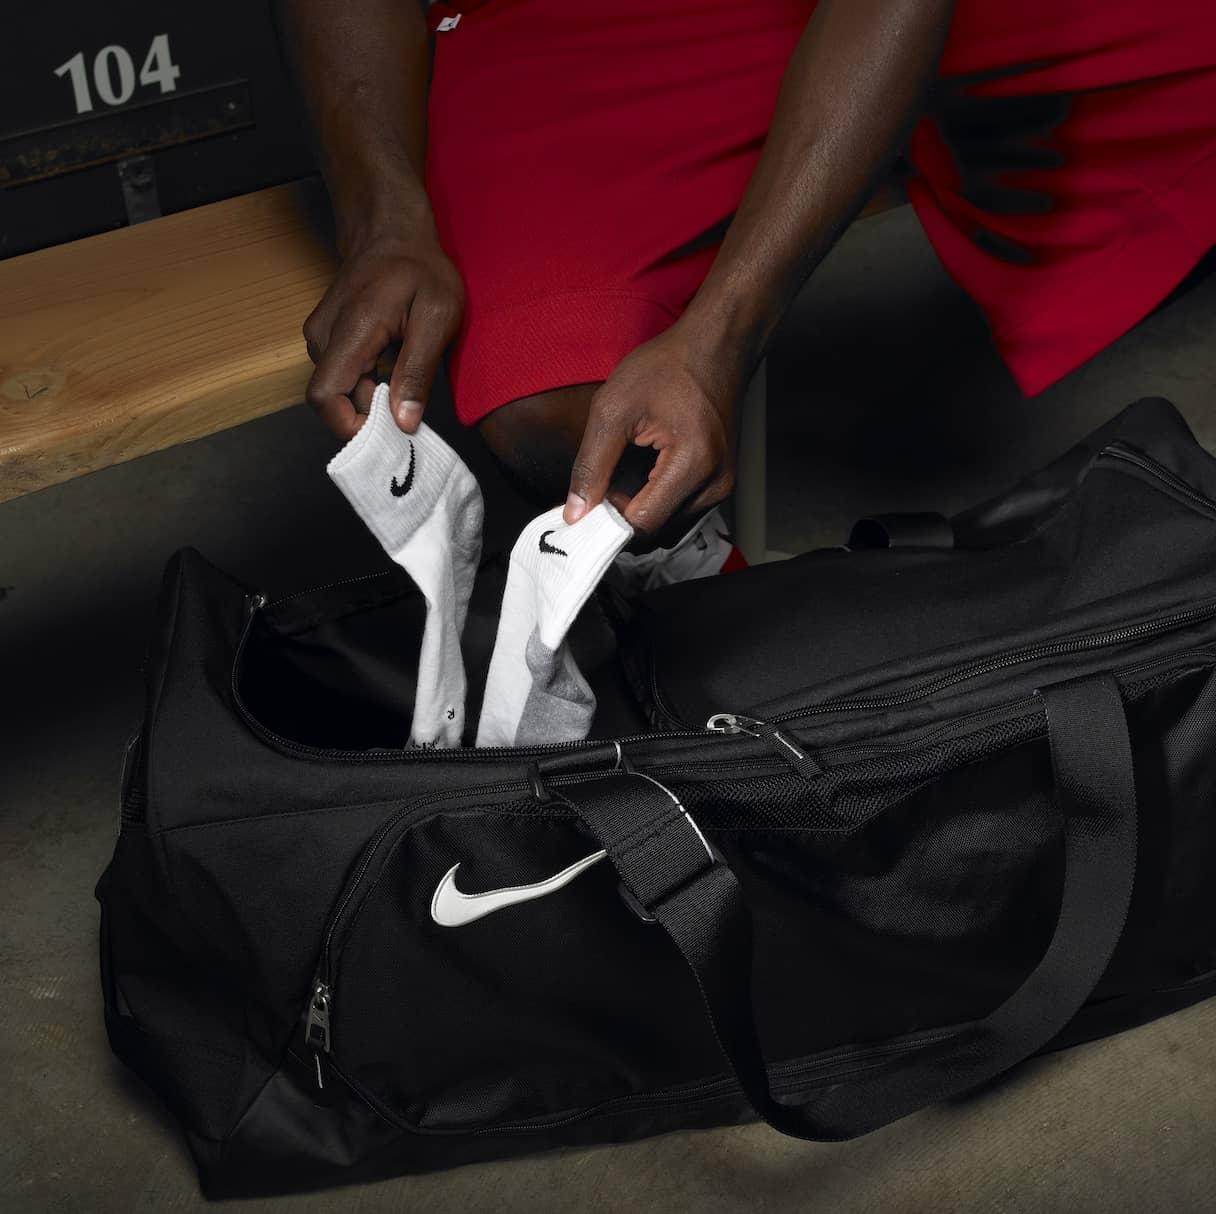 Scegliere le calze sportive più adatte alle tue esigenze